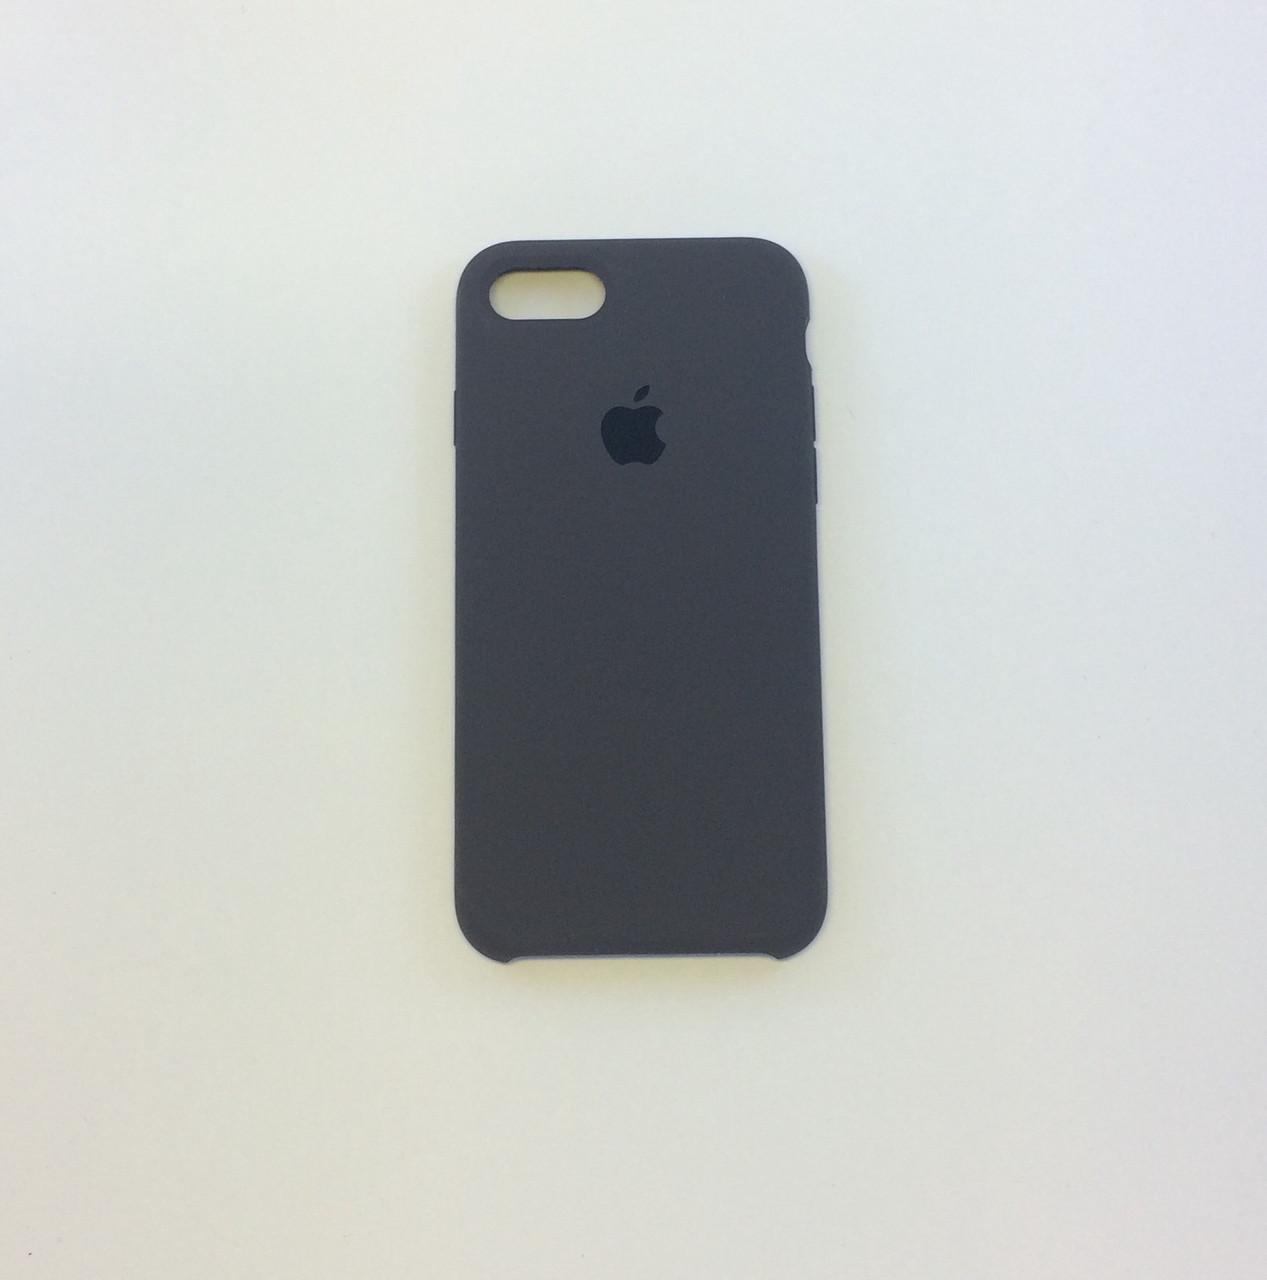 Силиконовый чехол для iPhone 7 Plus, - «коричневый» - copy original